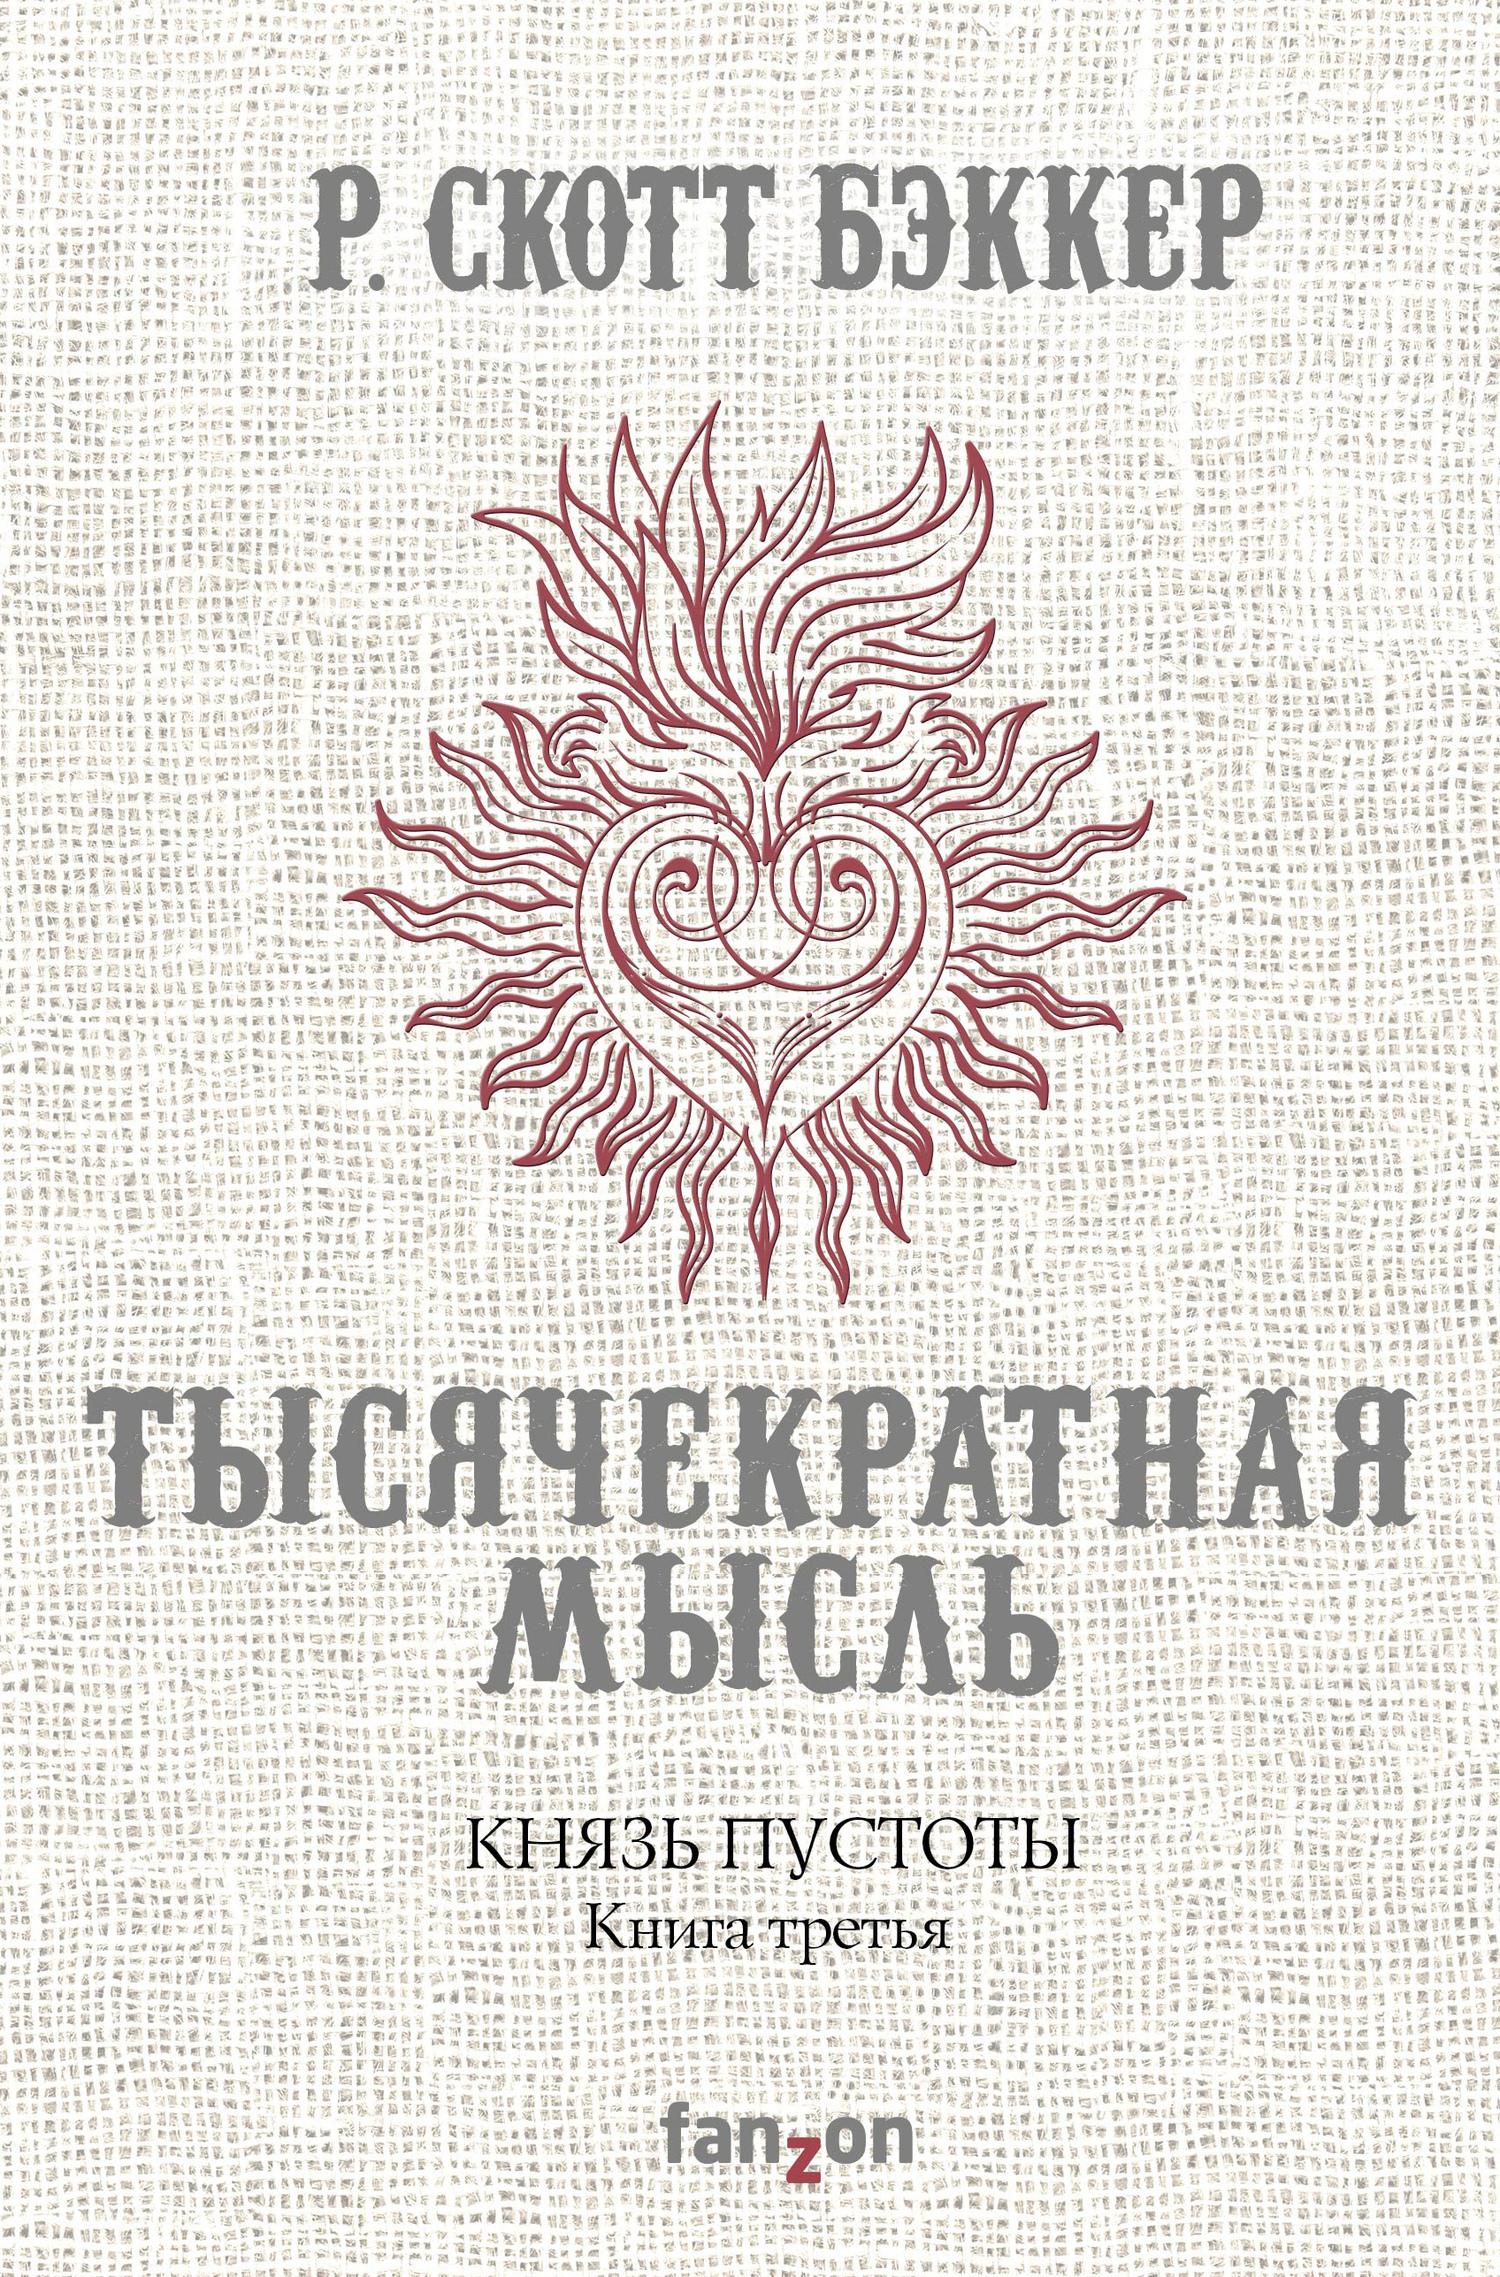 Р. Скотт Бэккер. Князь Пустоты. Книга третья. Тысячекратная Мысль